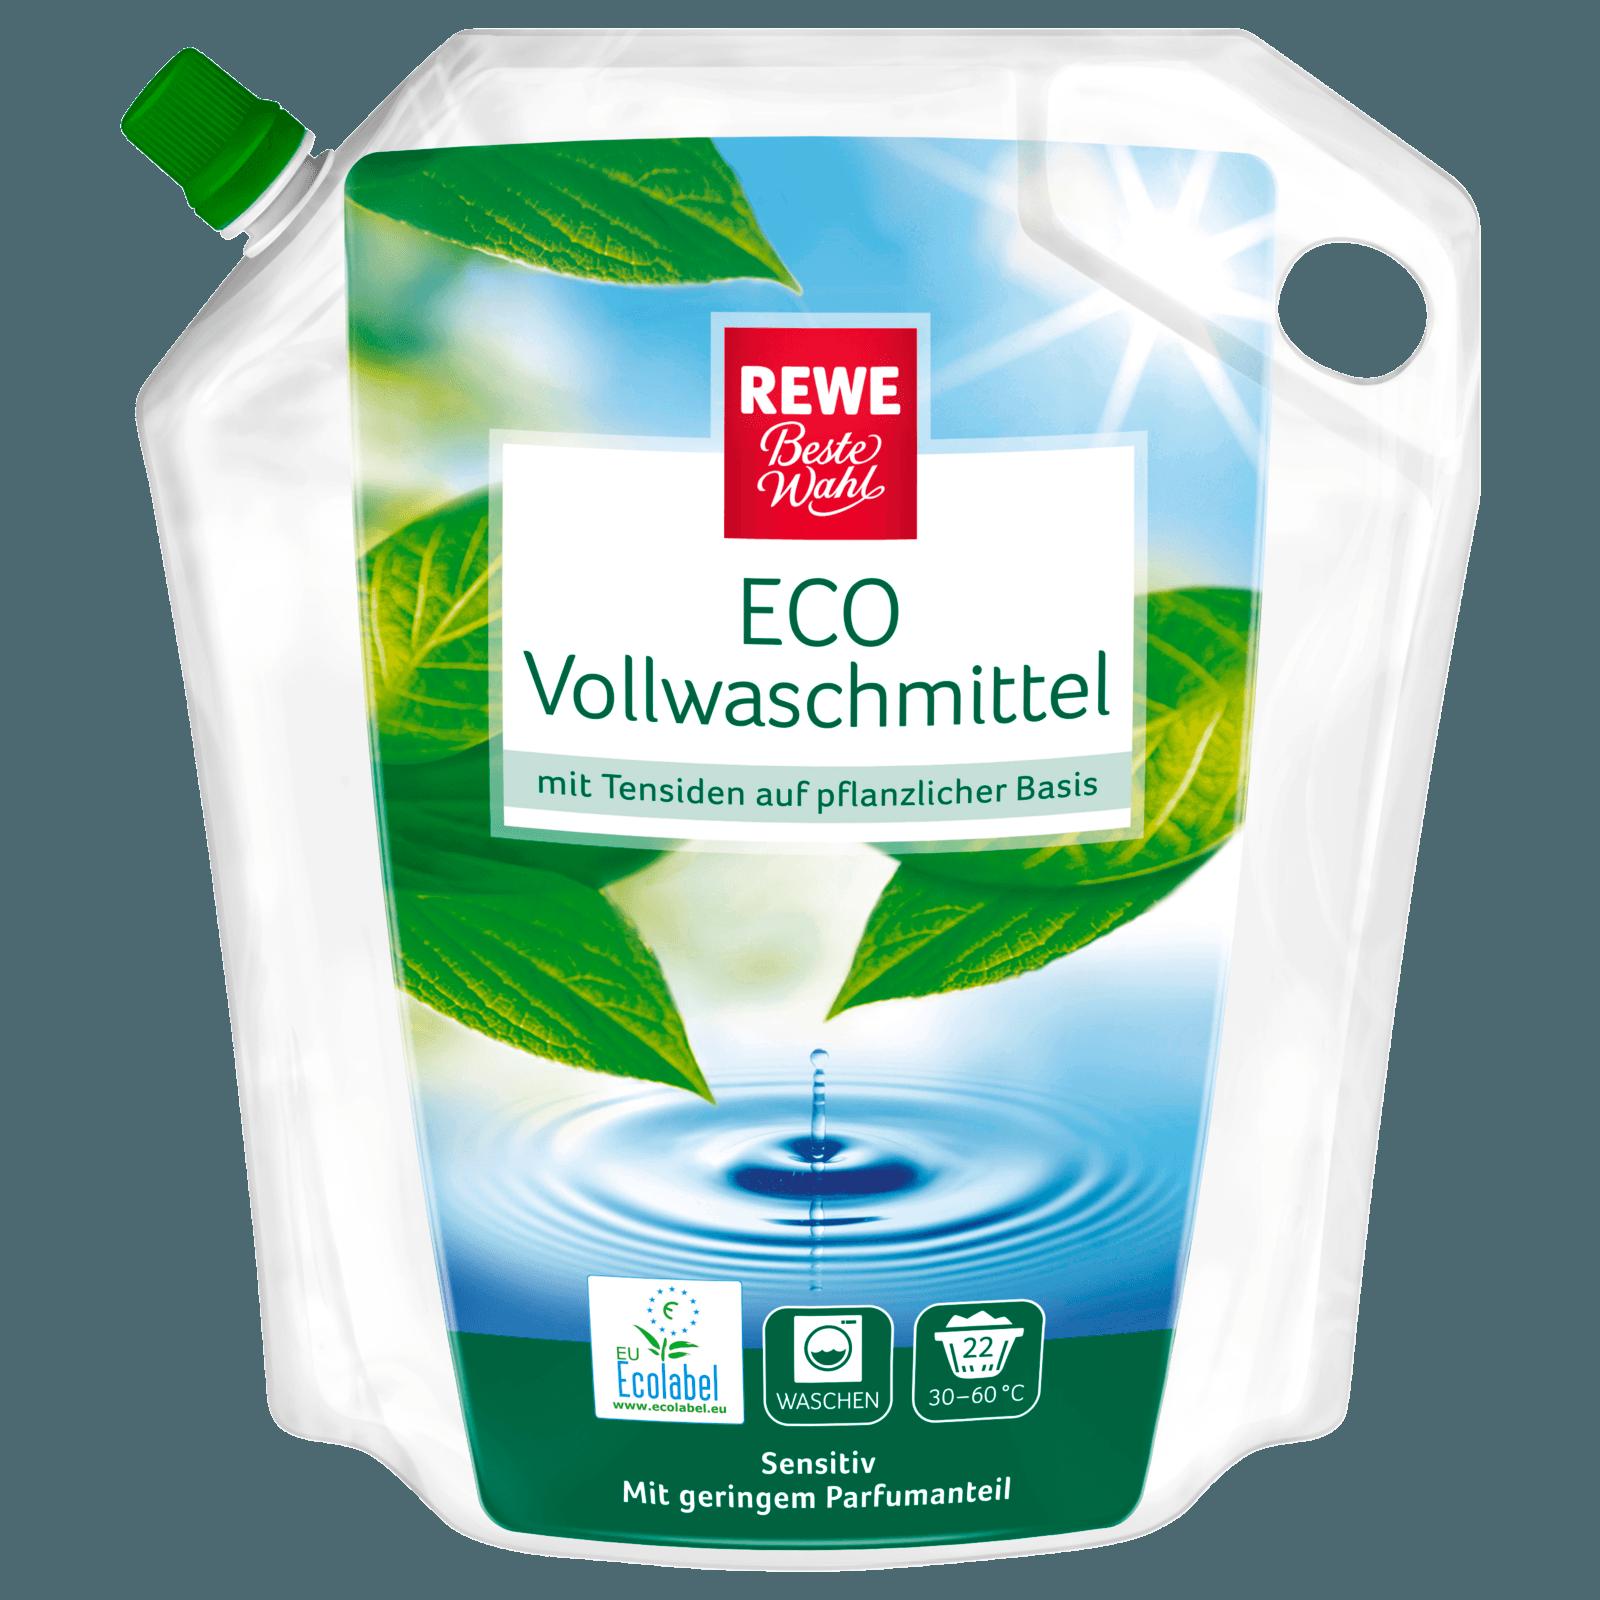 REWE Beste Wahl Vollwaschmittel Eco flüssig 1,5l, 22WL